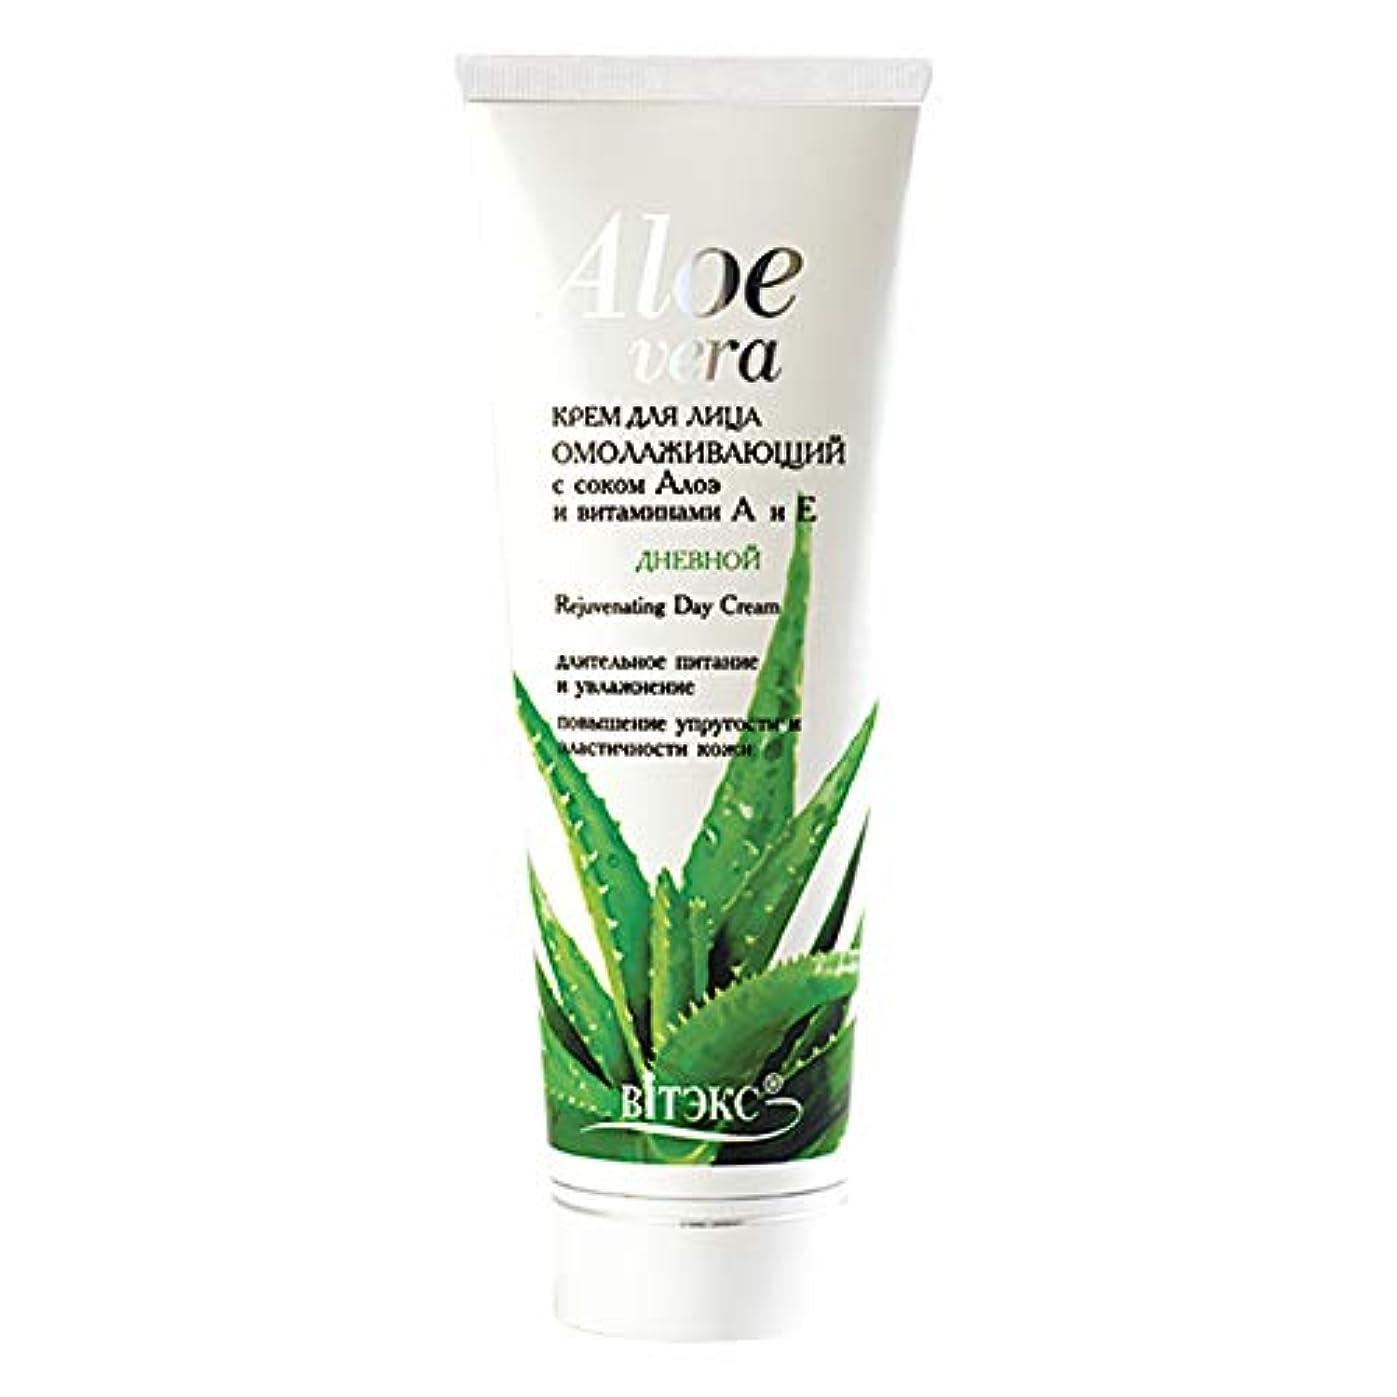 エレメンタルシールドベジタリアンBielita & Vitex   Aloe Vera Line   Face Day Cream 30+ for All Skin Types   Aloe Juice   Vitamins A and E   75 ml